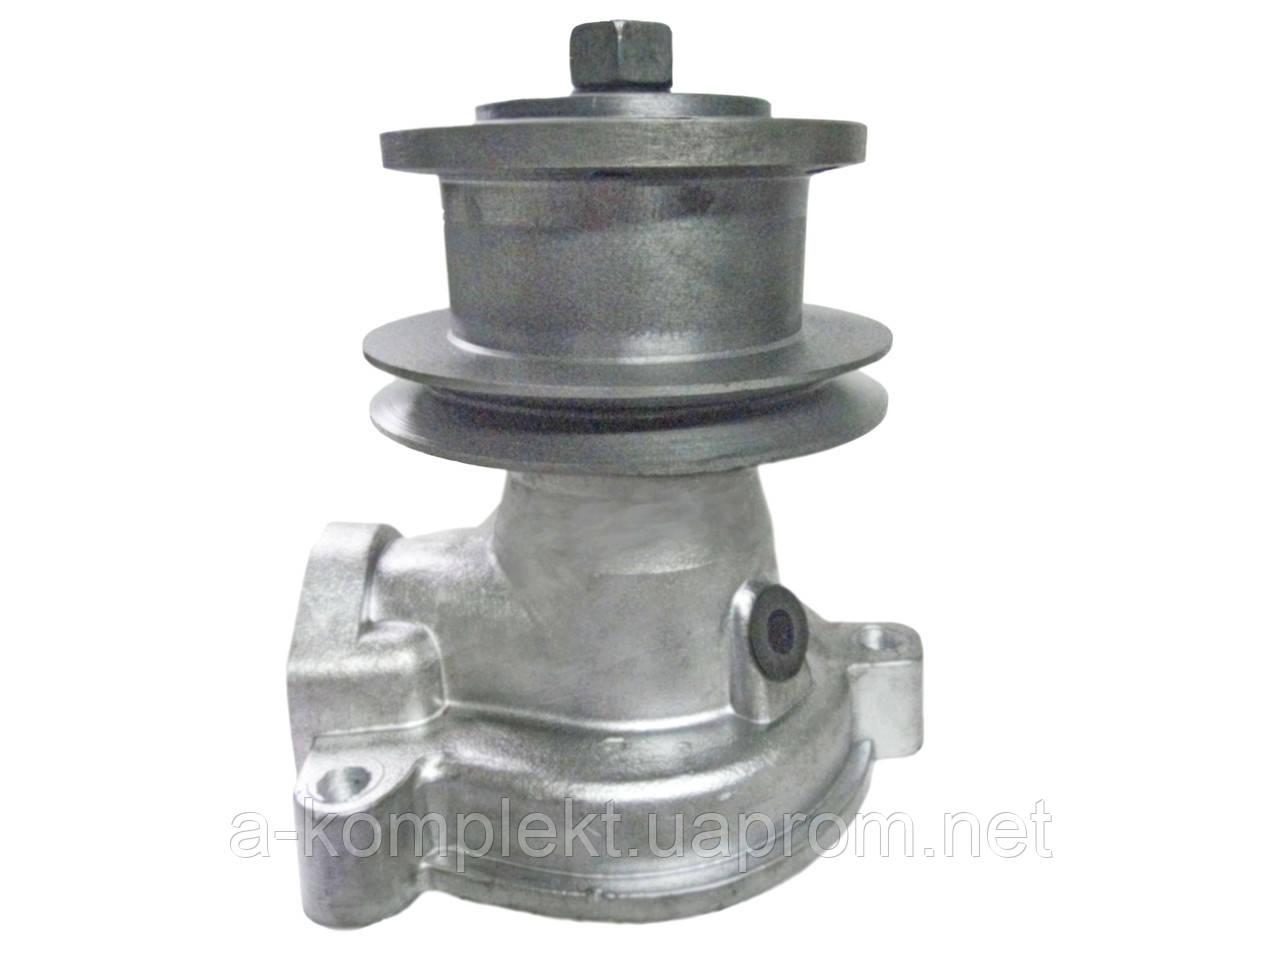 Насос водяной МТЗ-80 (240-1307010А-03) (алюмин корпус) с подшипником 6304